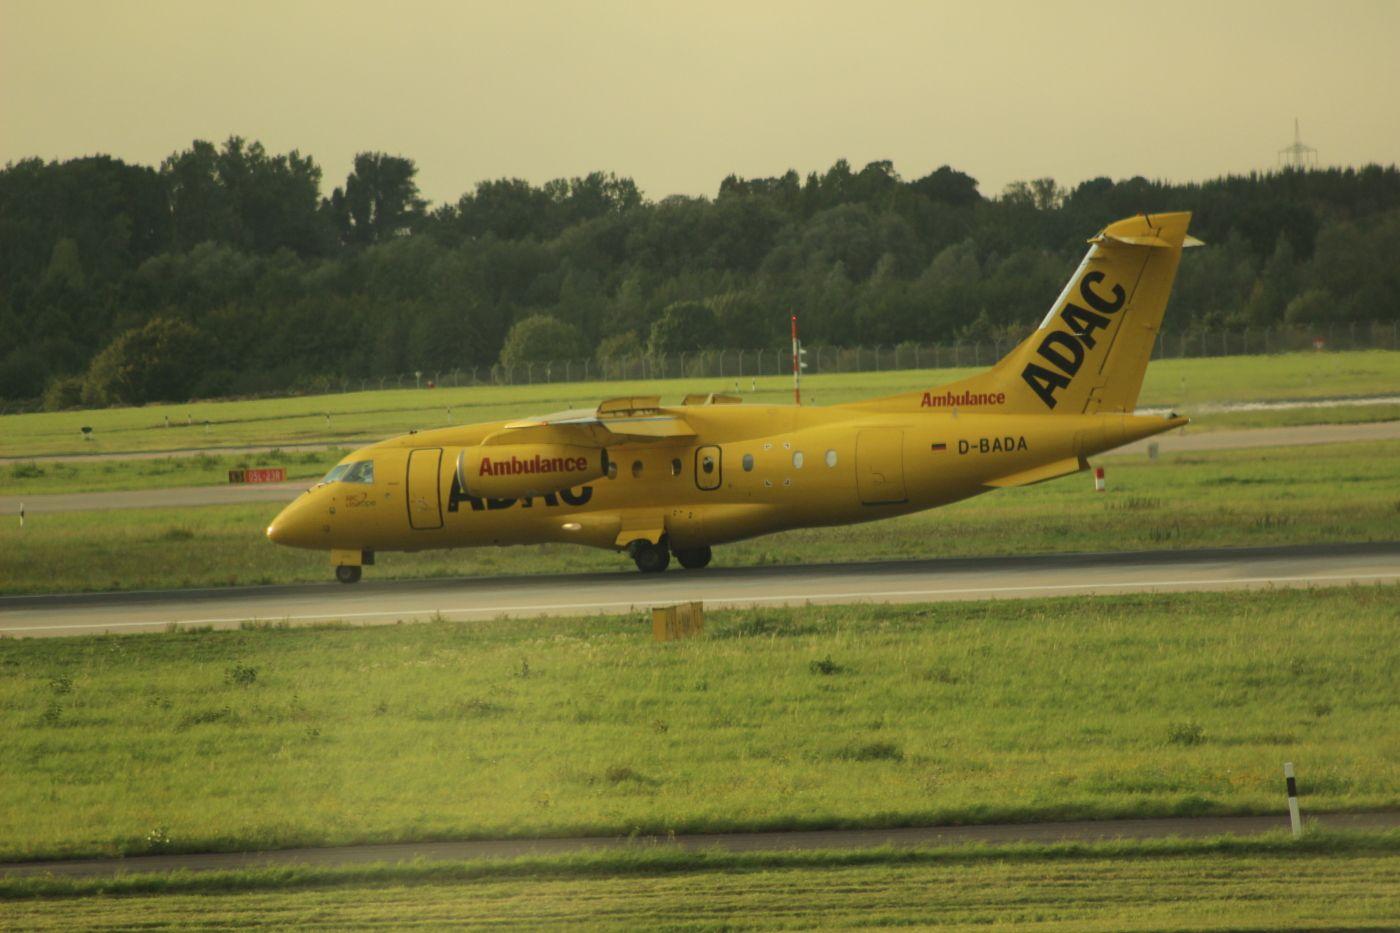 Adac Air Ambulance Aviation Ambulance Aircraft